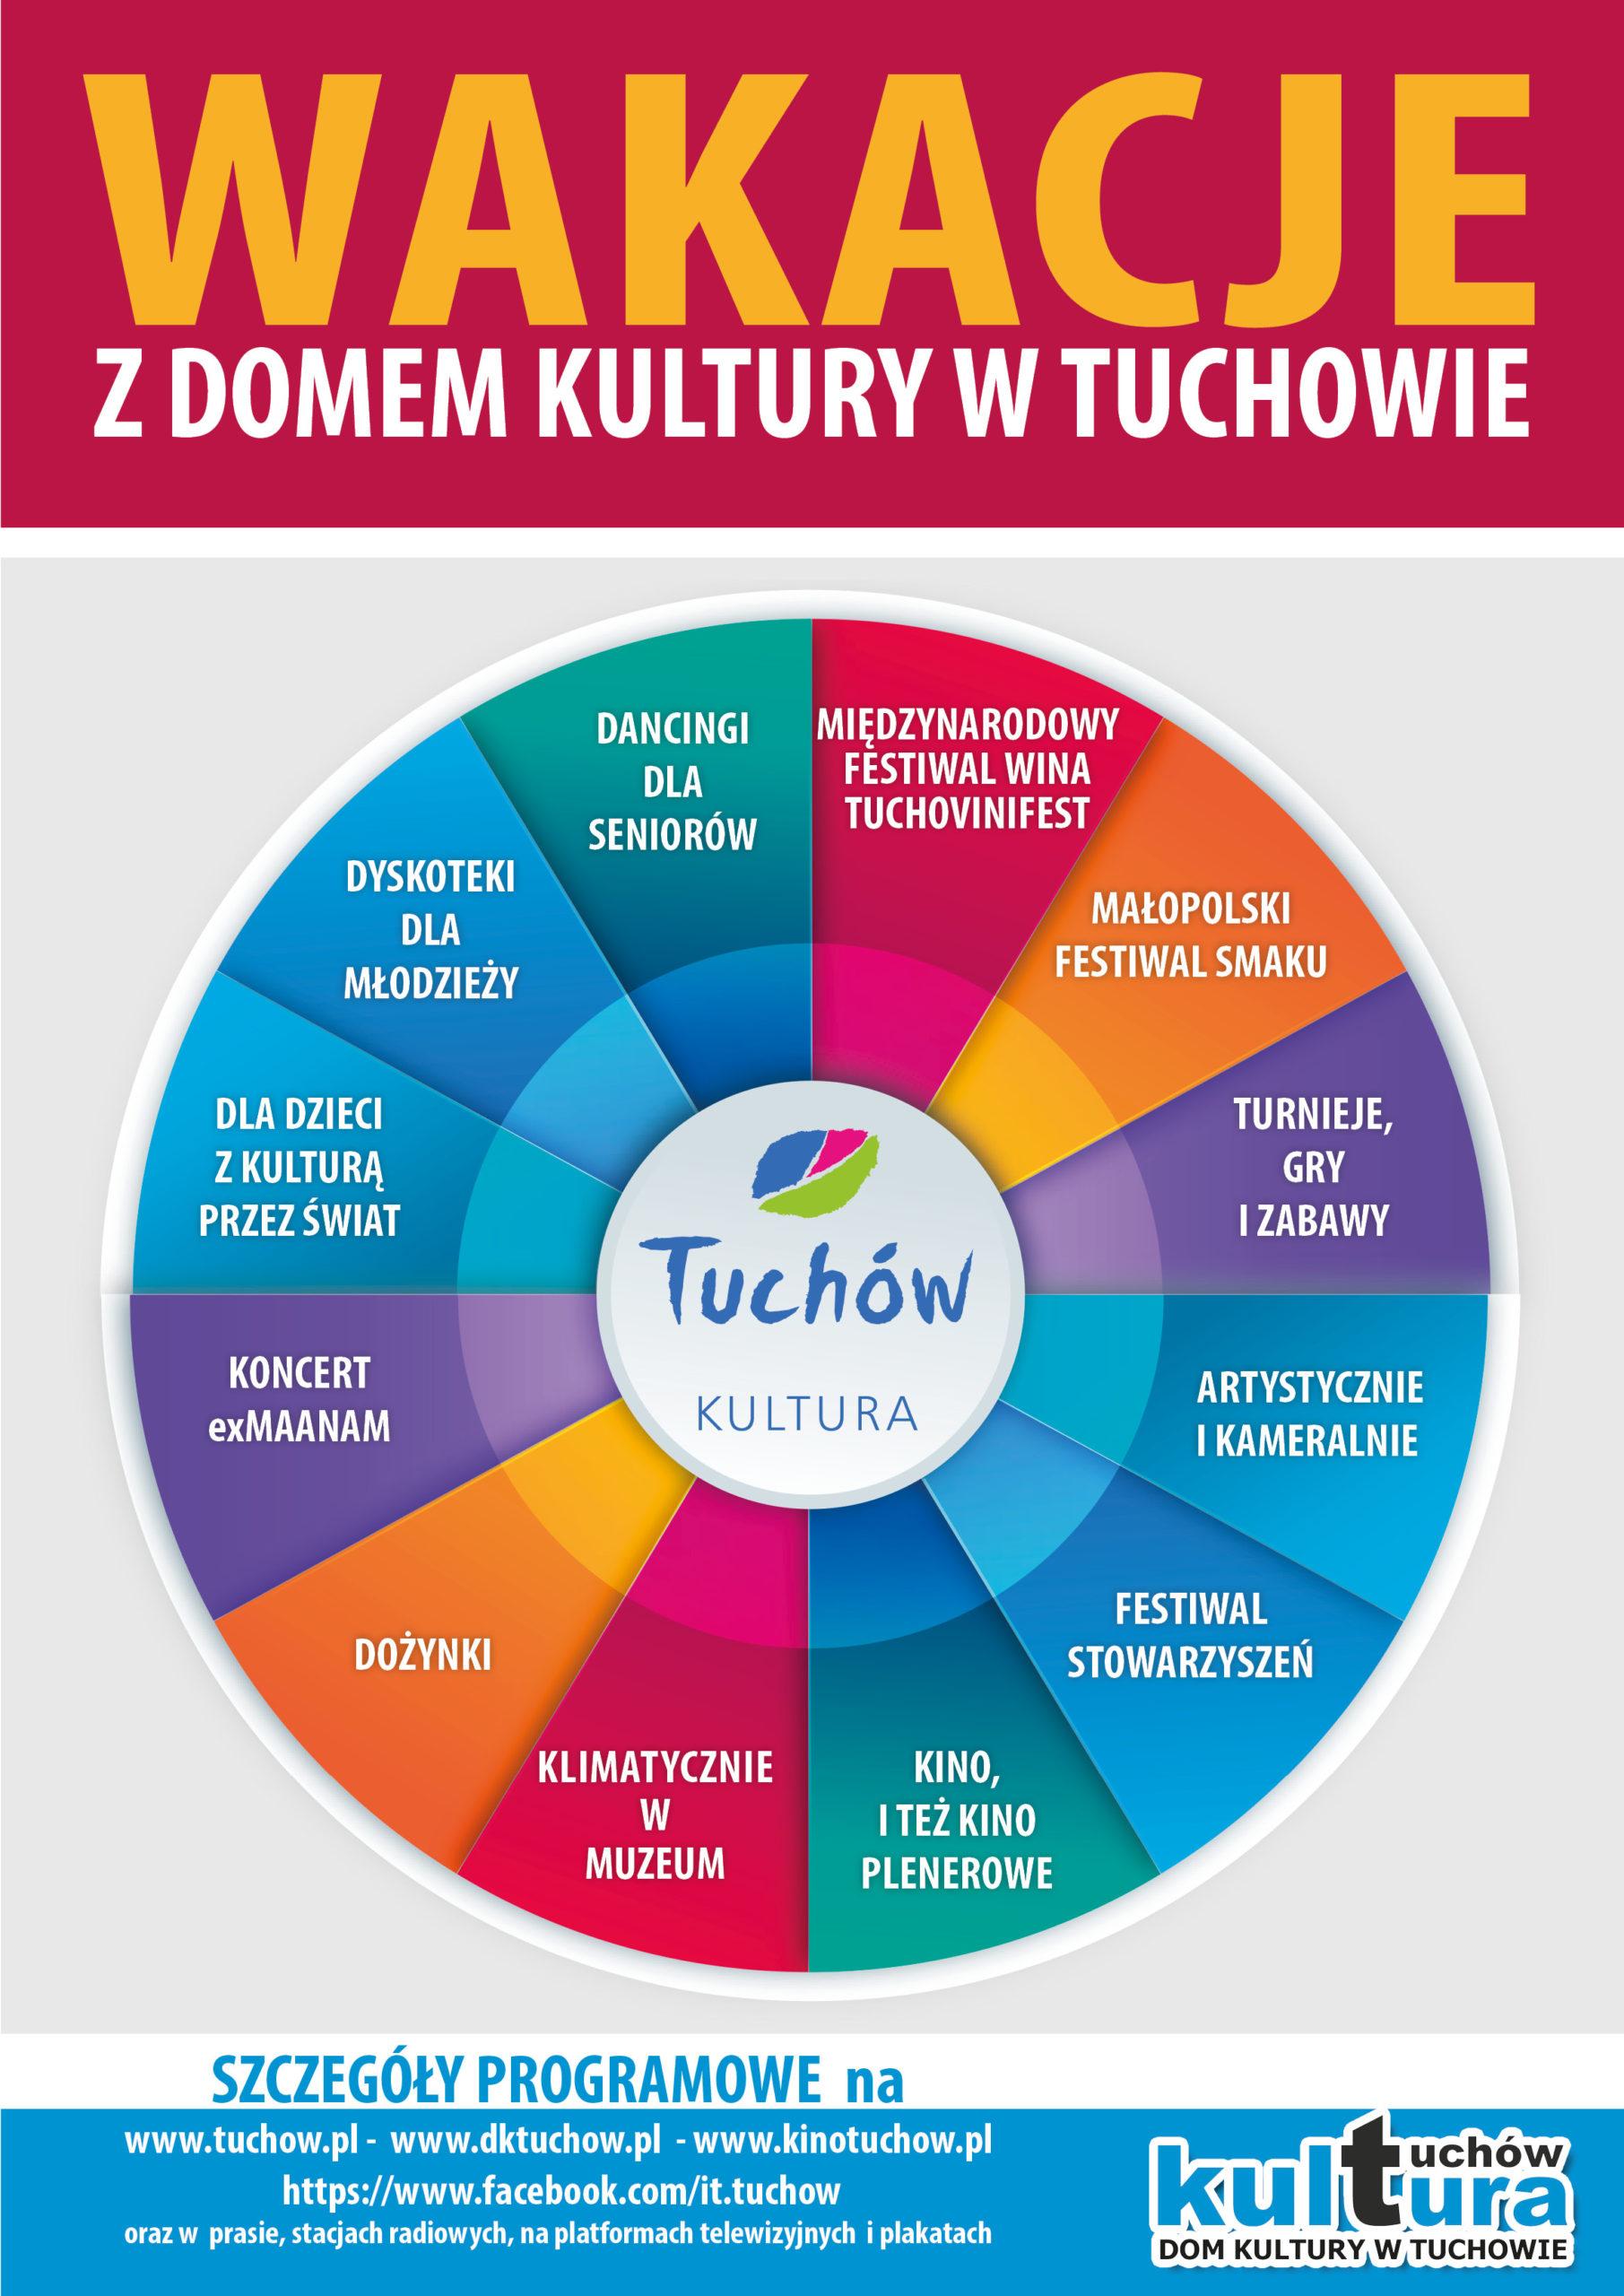 Wakacje z Domem Kultury w Tuchowie